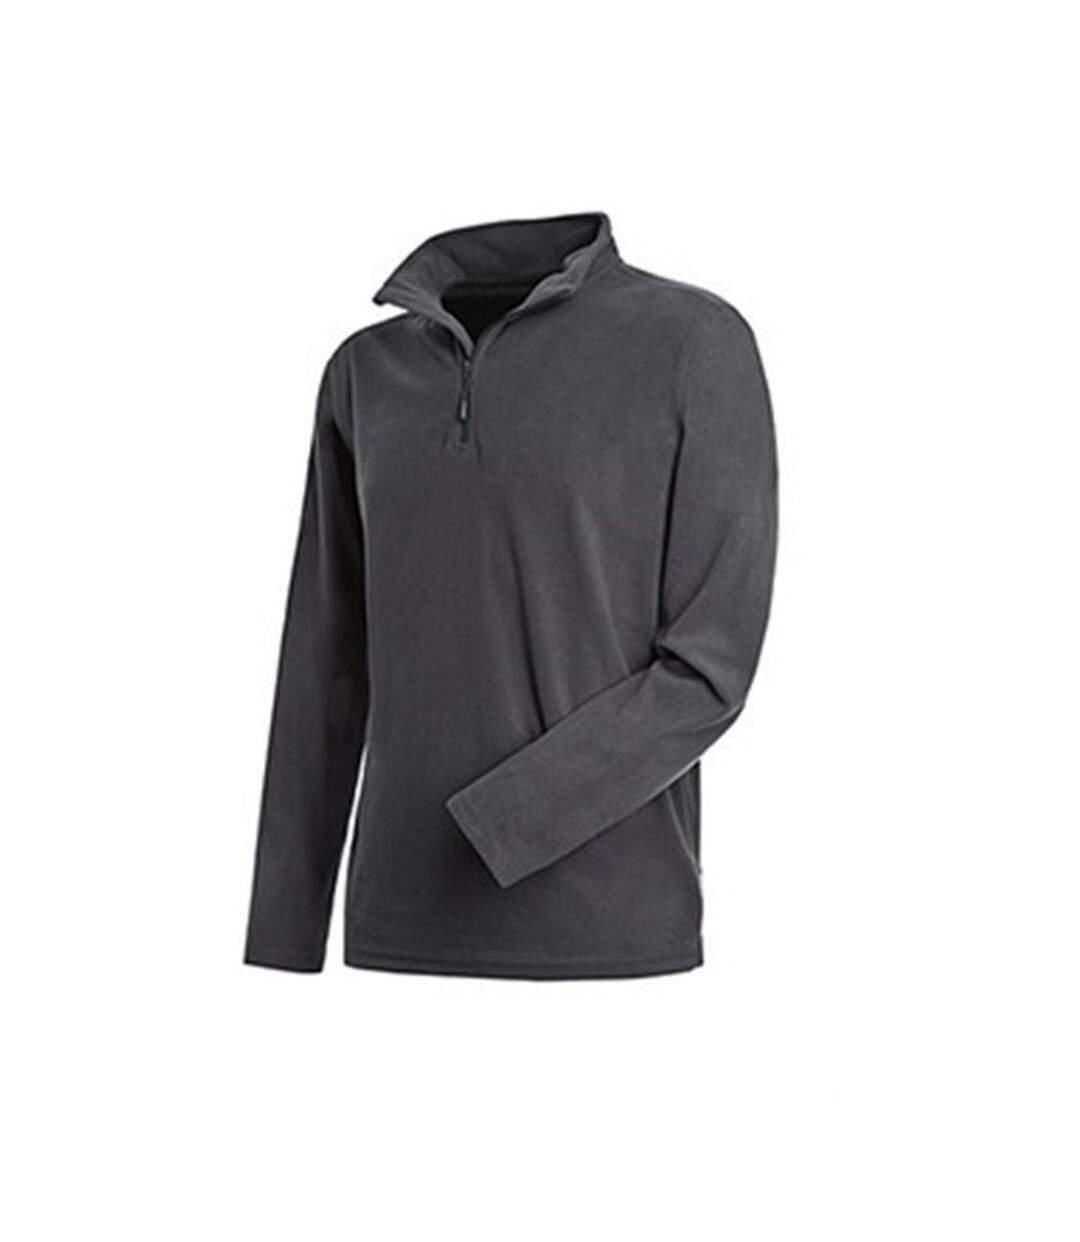 Stedman Mens Active Half Zip Fleece (Grey Steel) - UTAB291